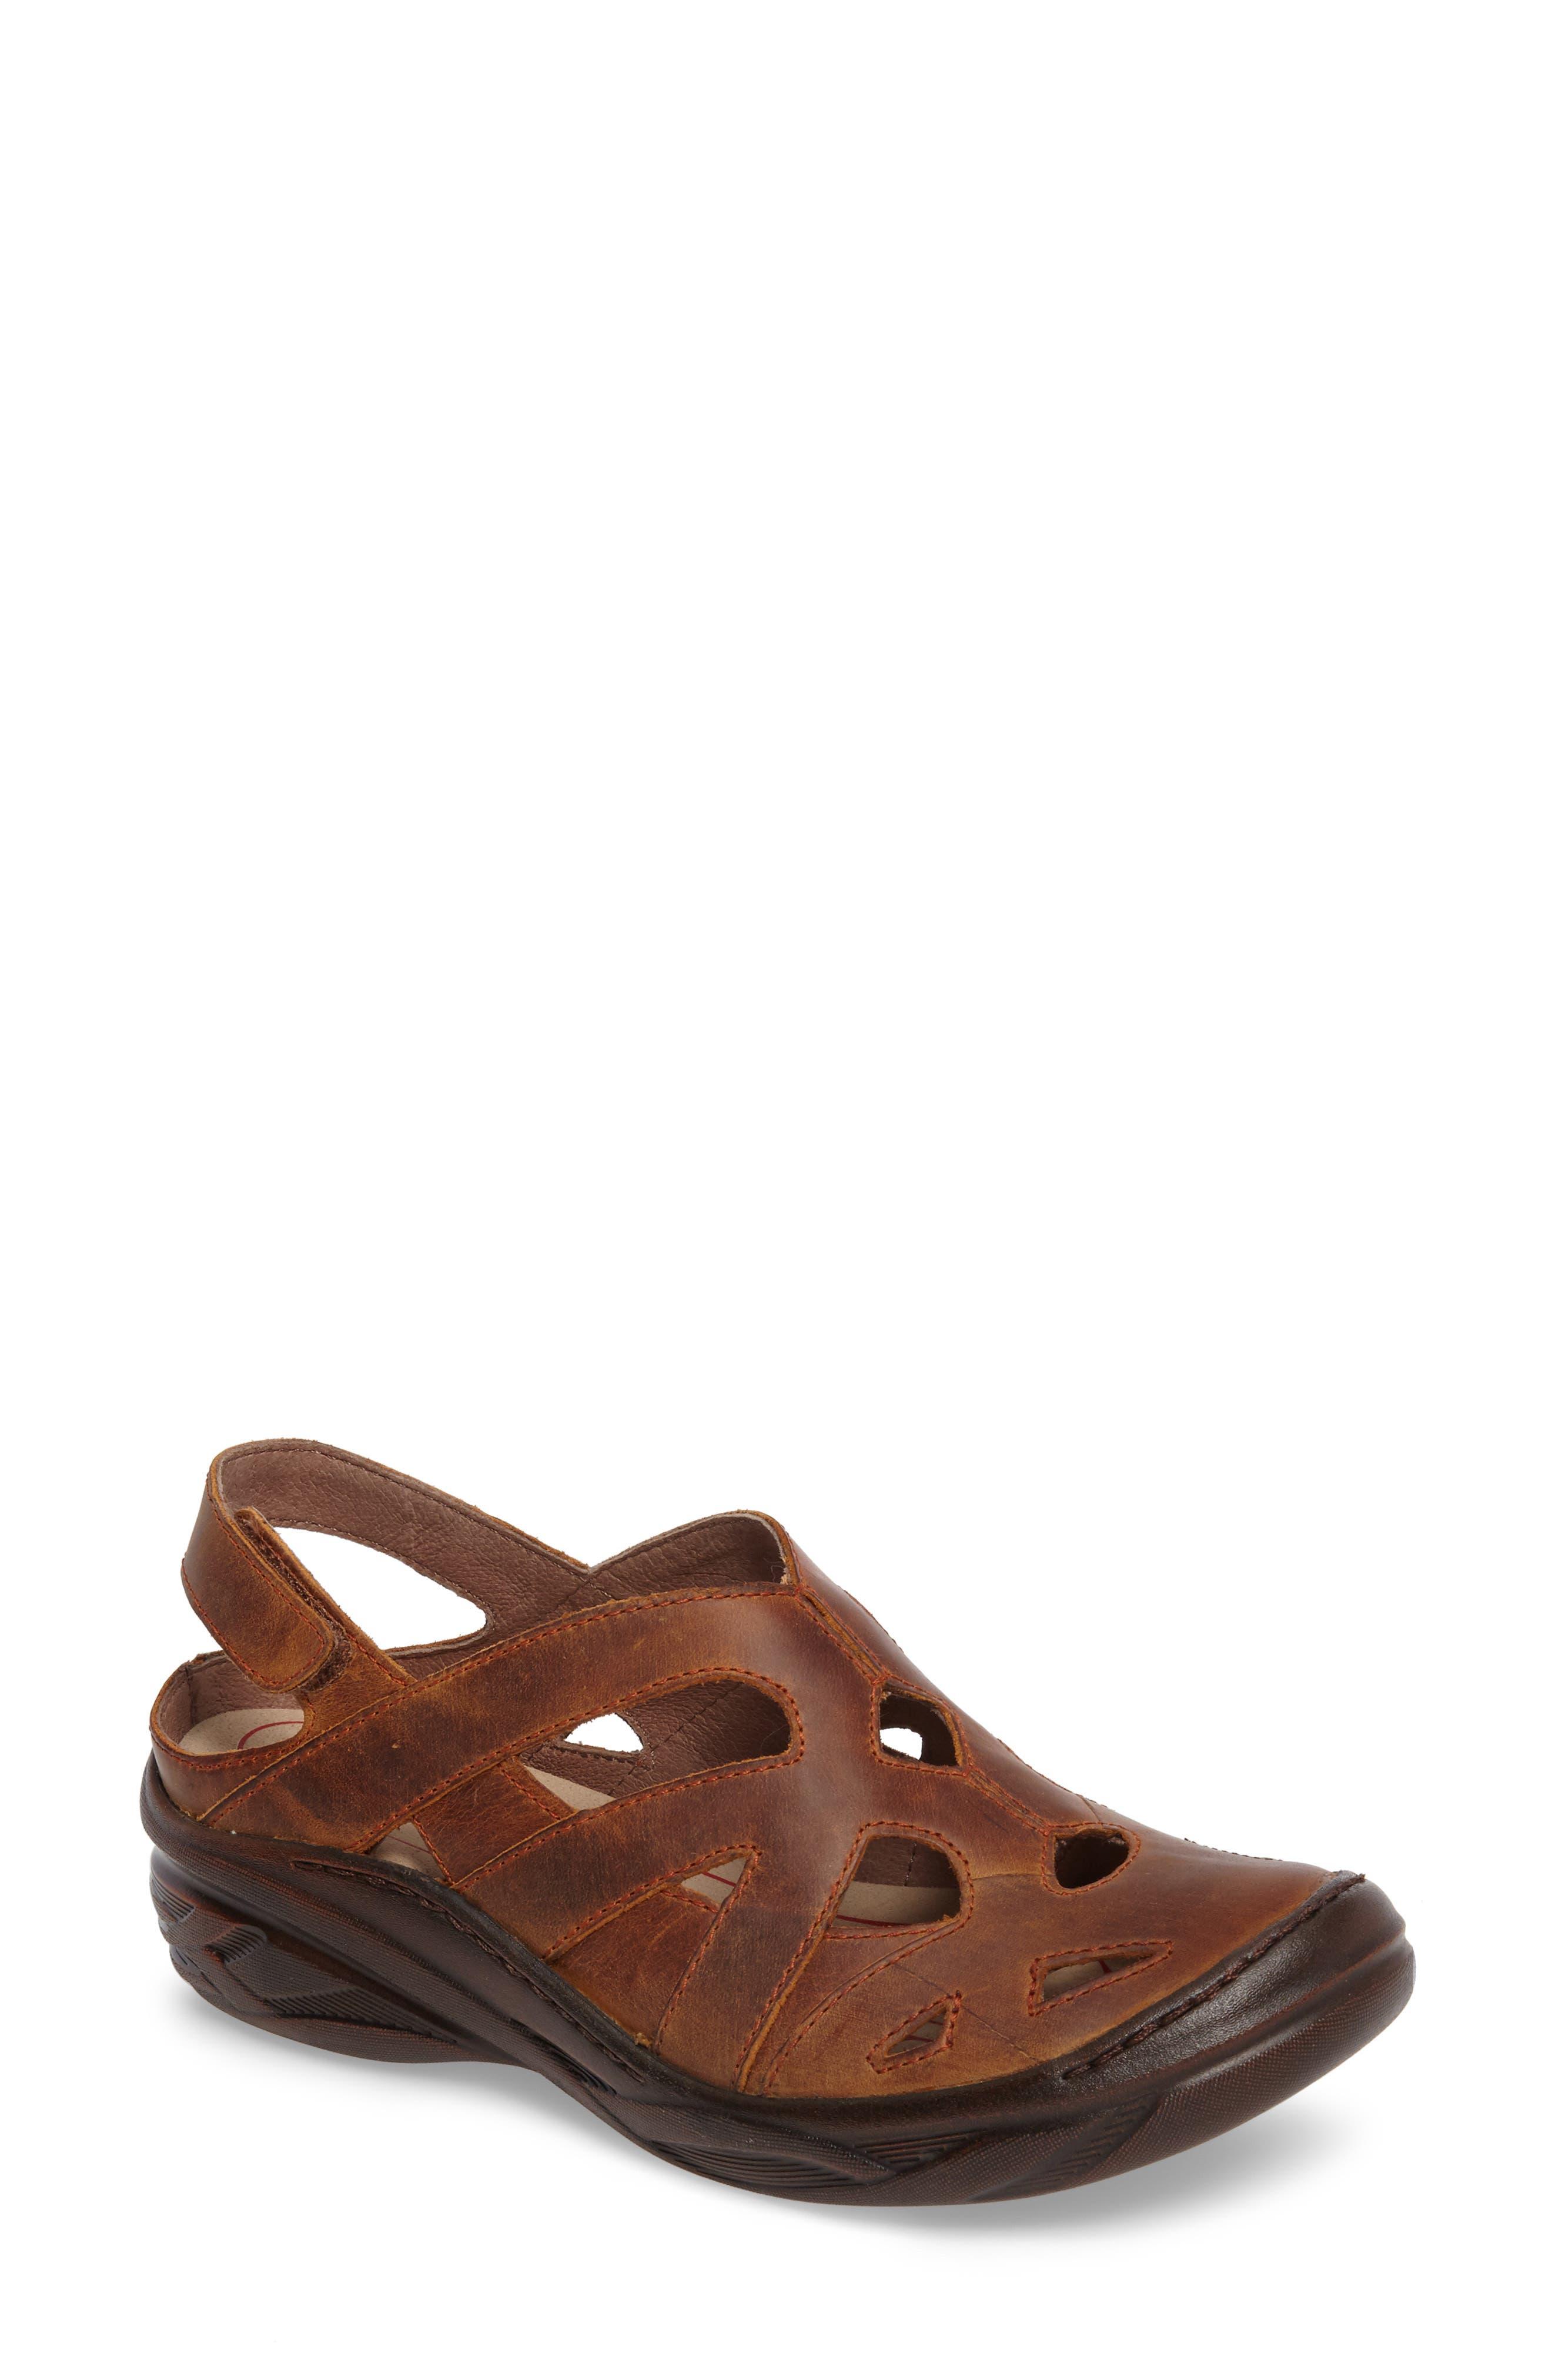 Alternate Image 1 Selected - bionica Maclean Sandal (Women)